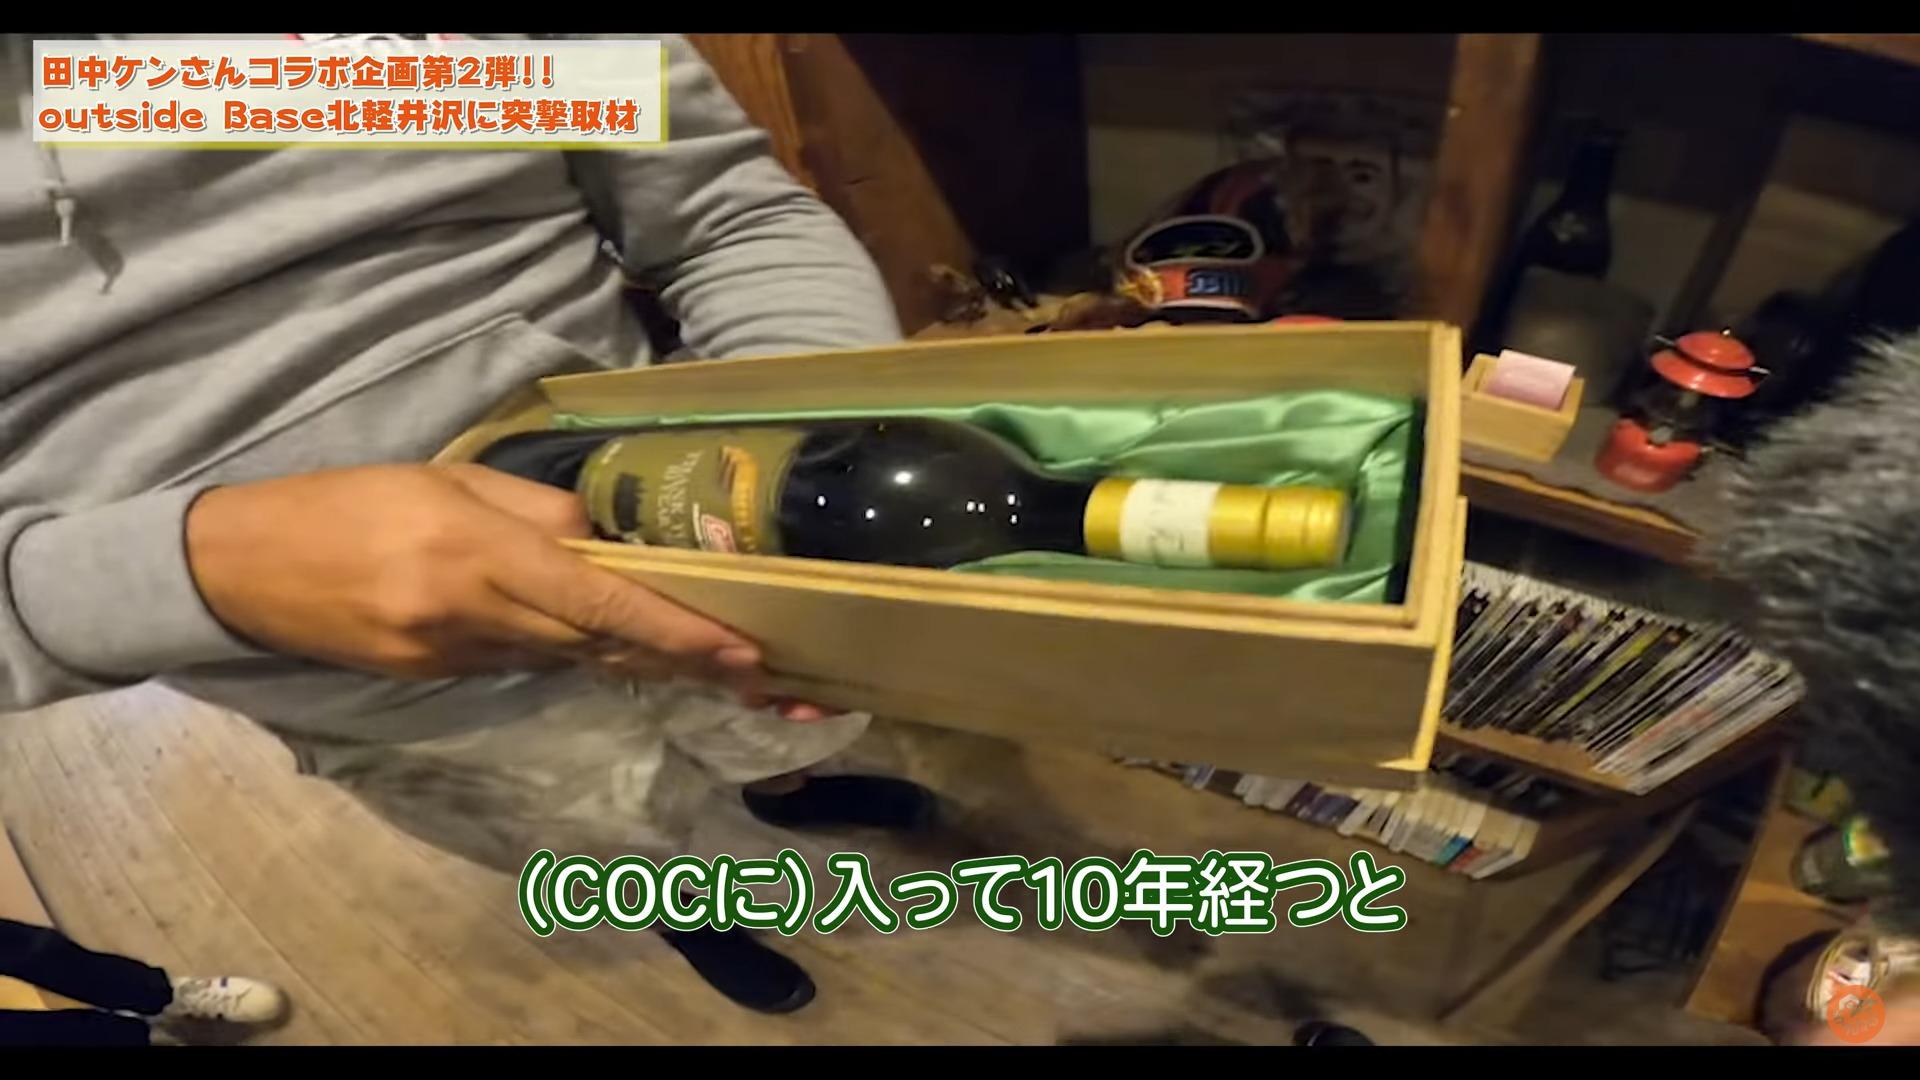 COC コールマン クラブ ワイン